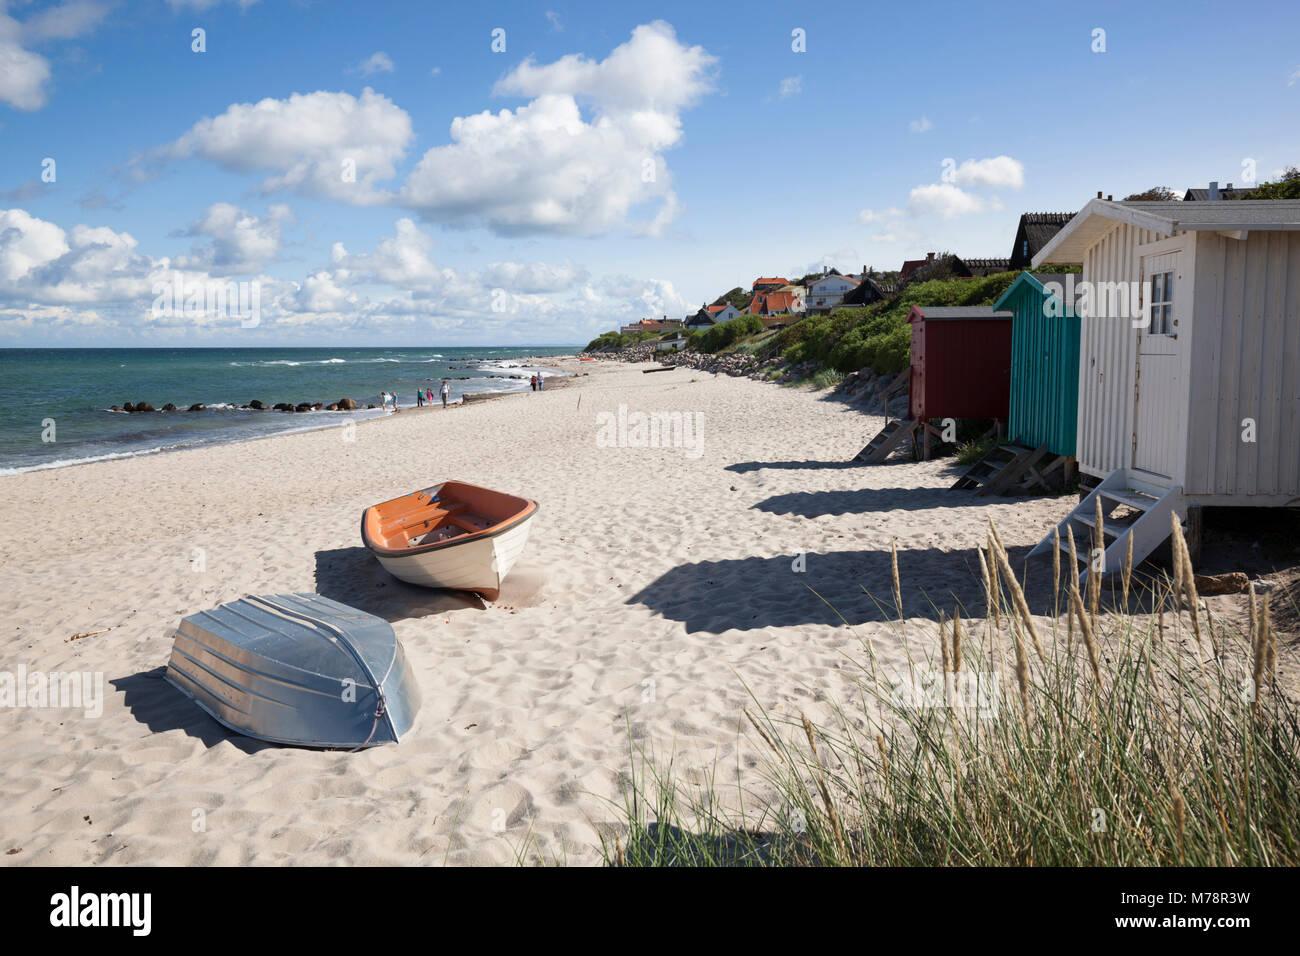 Barche e cabine sulla spiaggia di sabbia bianca con la città dietro, Tisvilde, Kattegat Costa, Zelanda, Danimarca, Immagini Stock